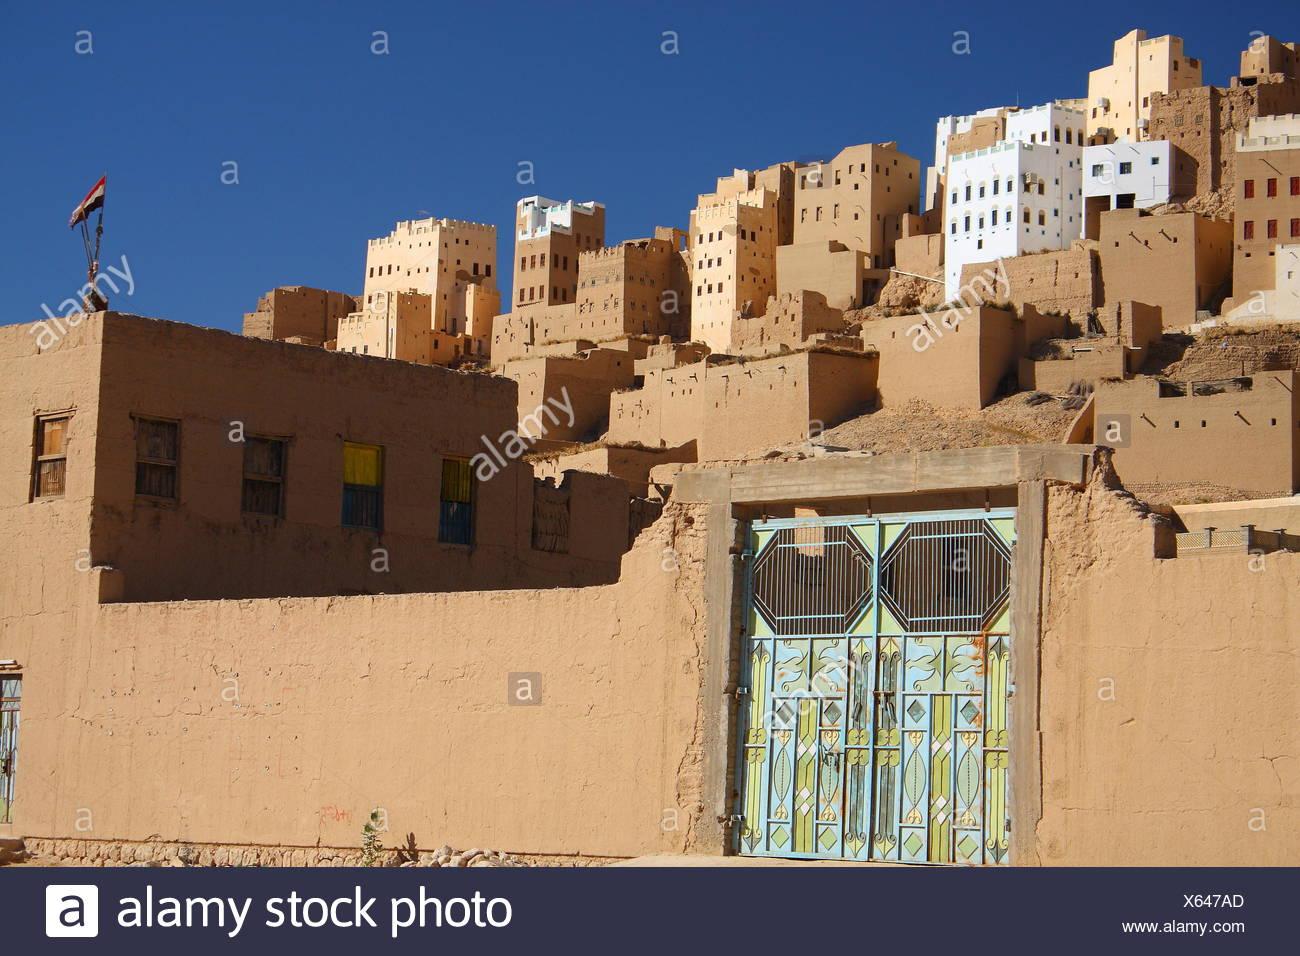 yemen asia east - Stock Image